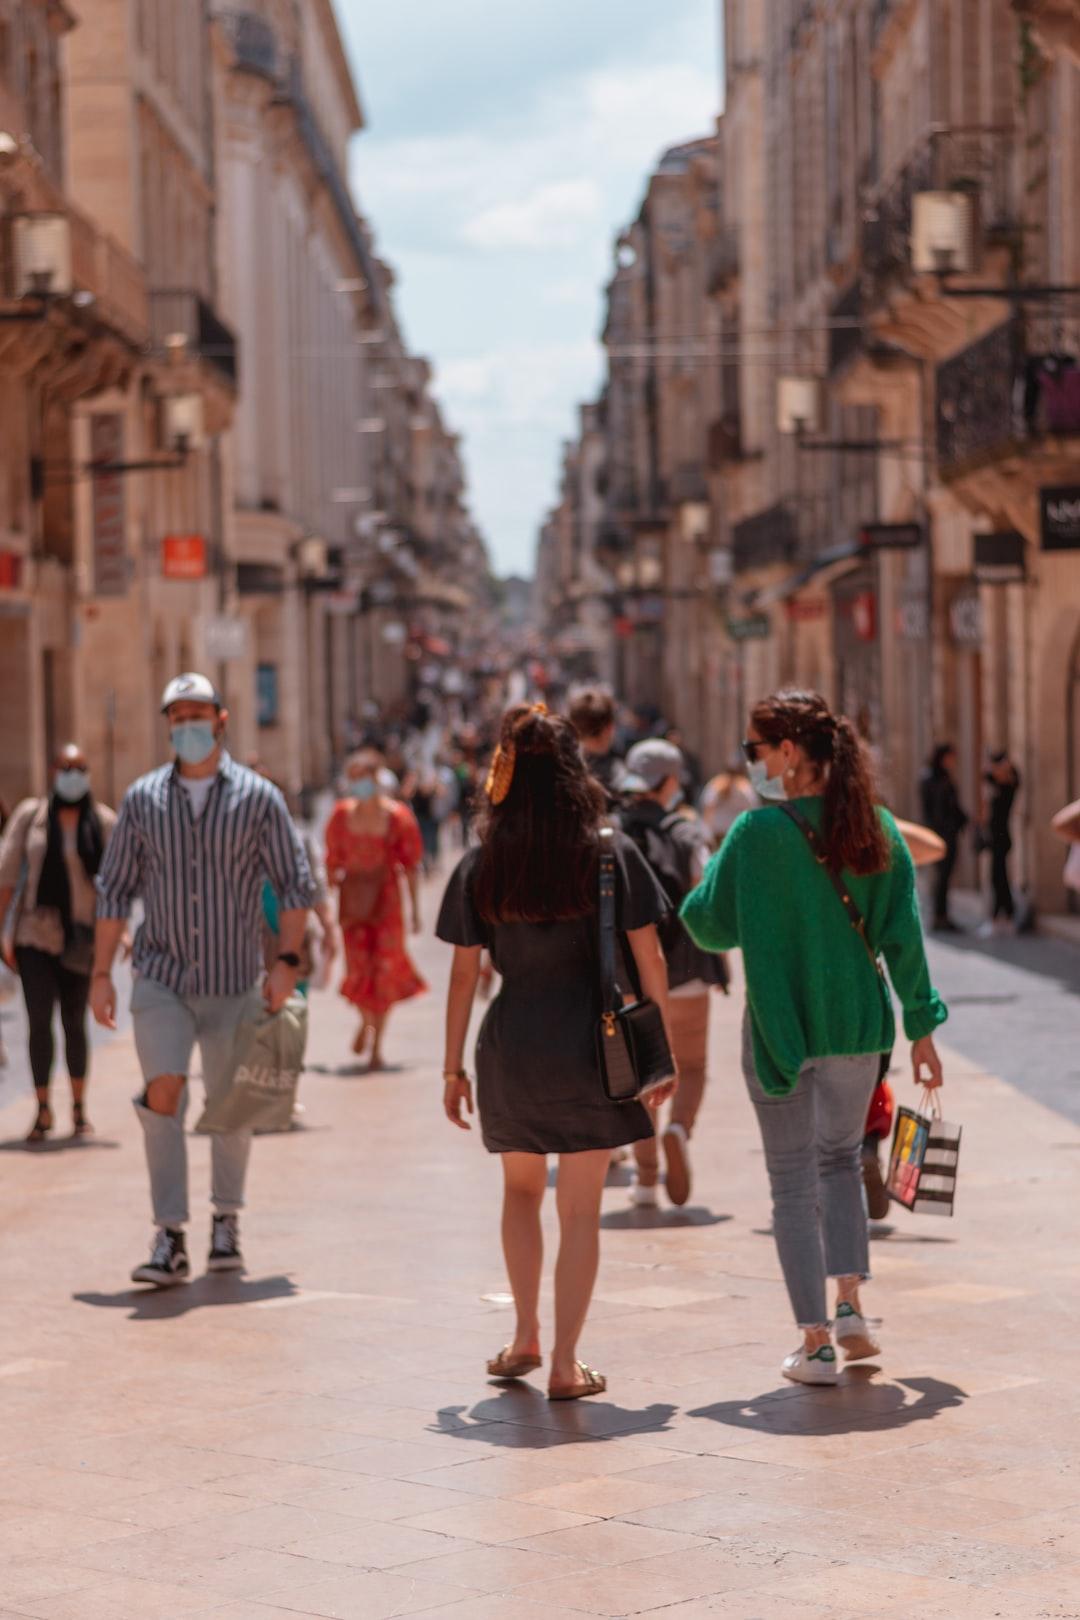 Même en période de dé-confinement, la Rue Sainte Catherine reste hautement fréquentée.